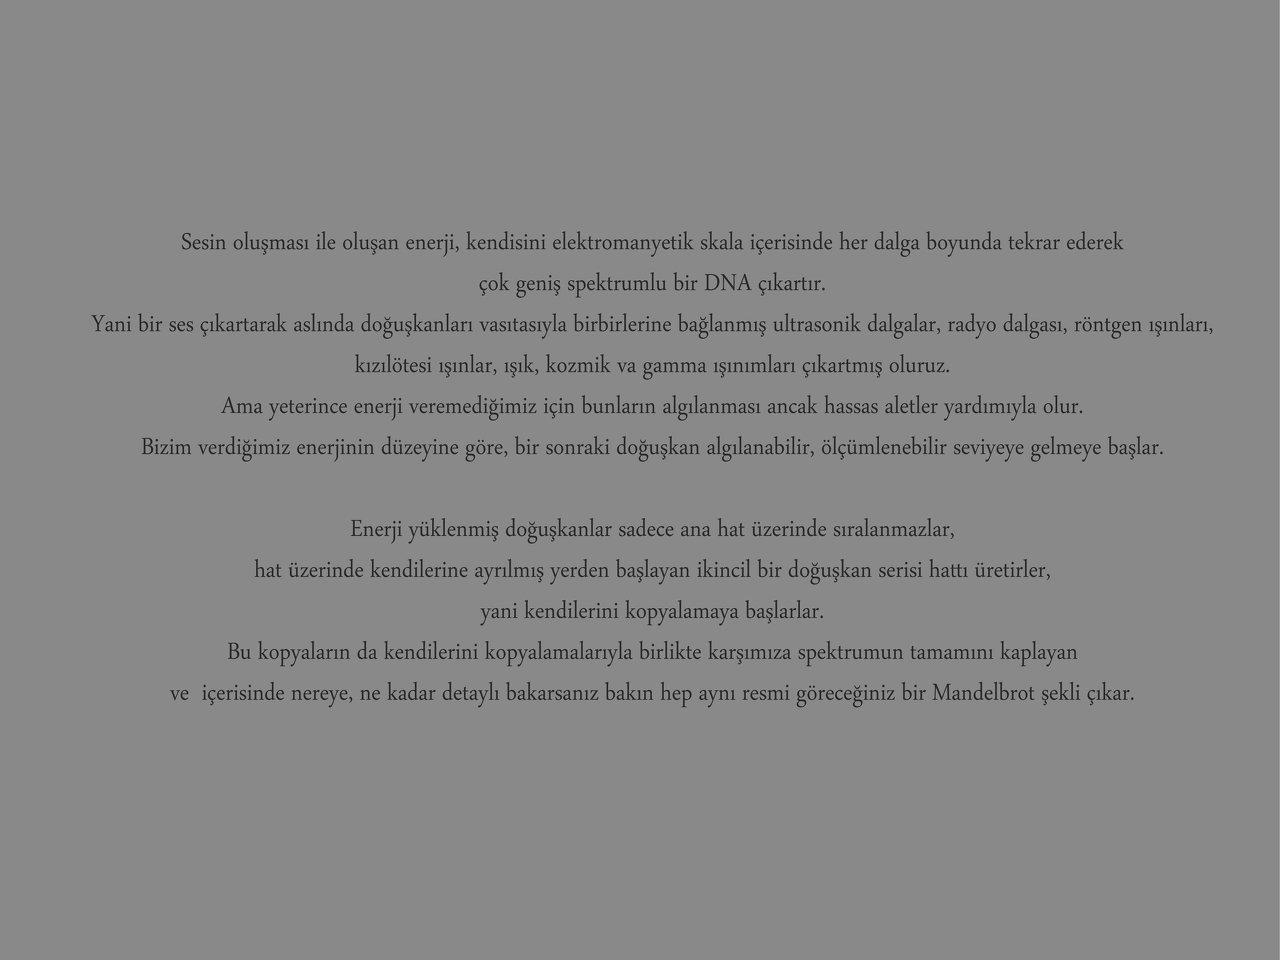 Mandelbrot Cello tr 5.jpg